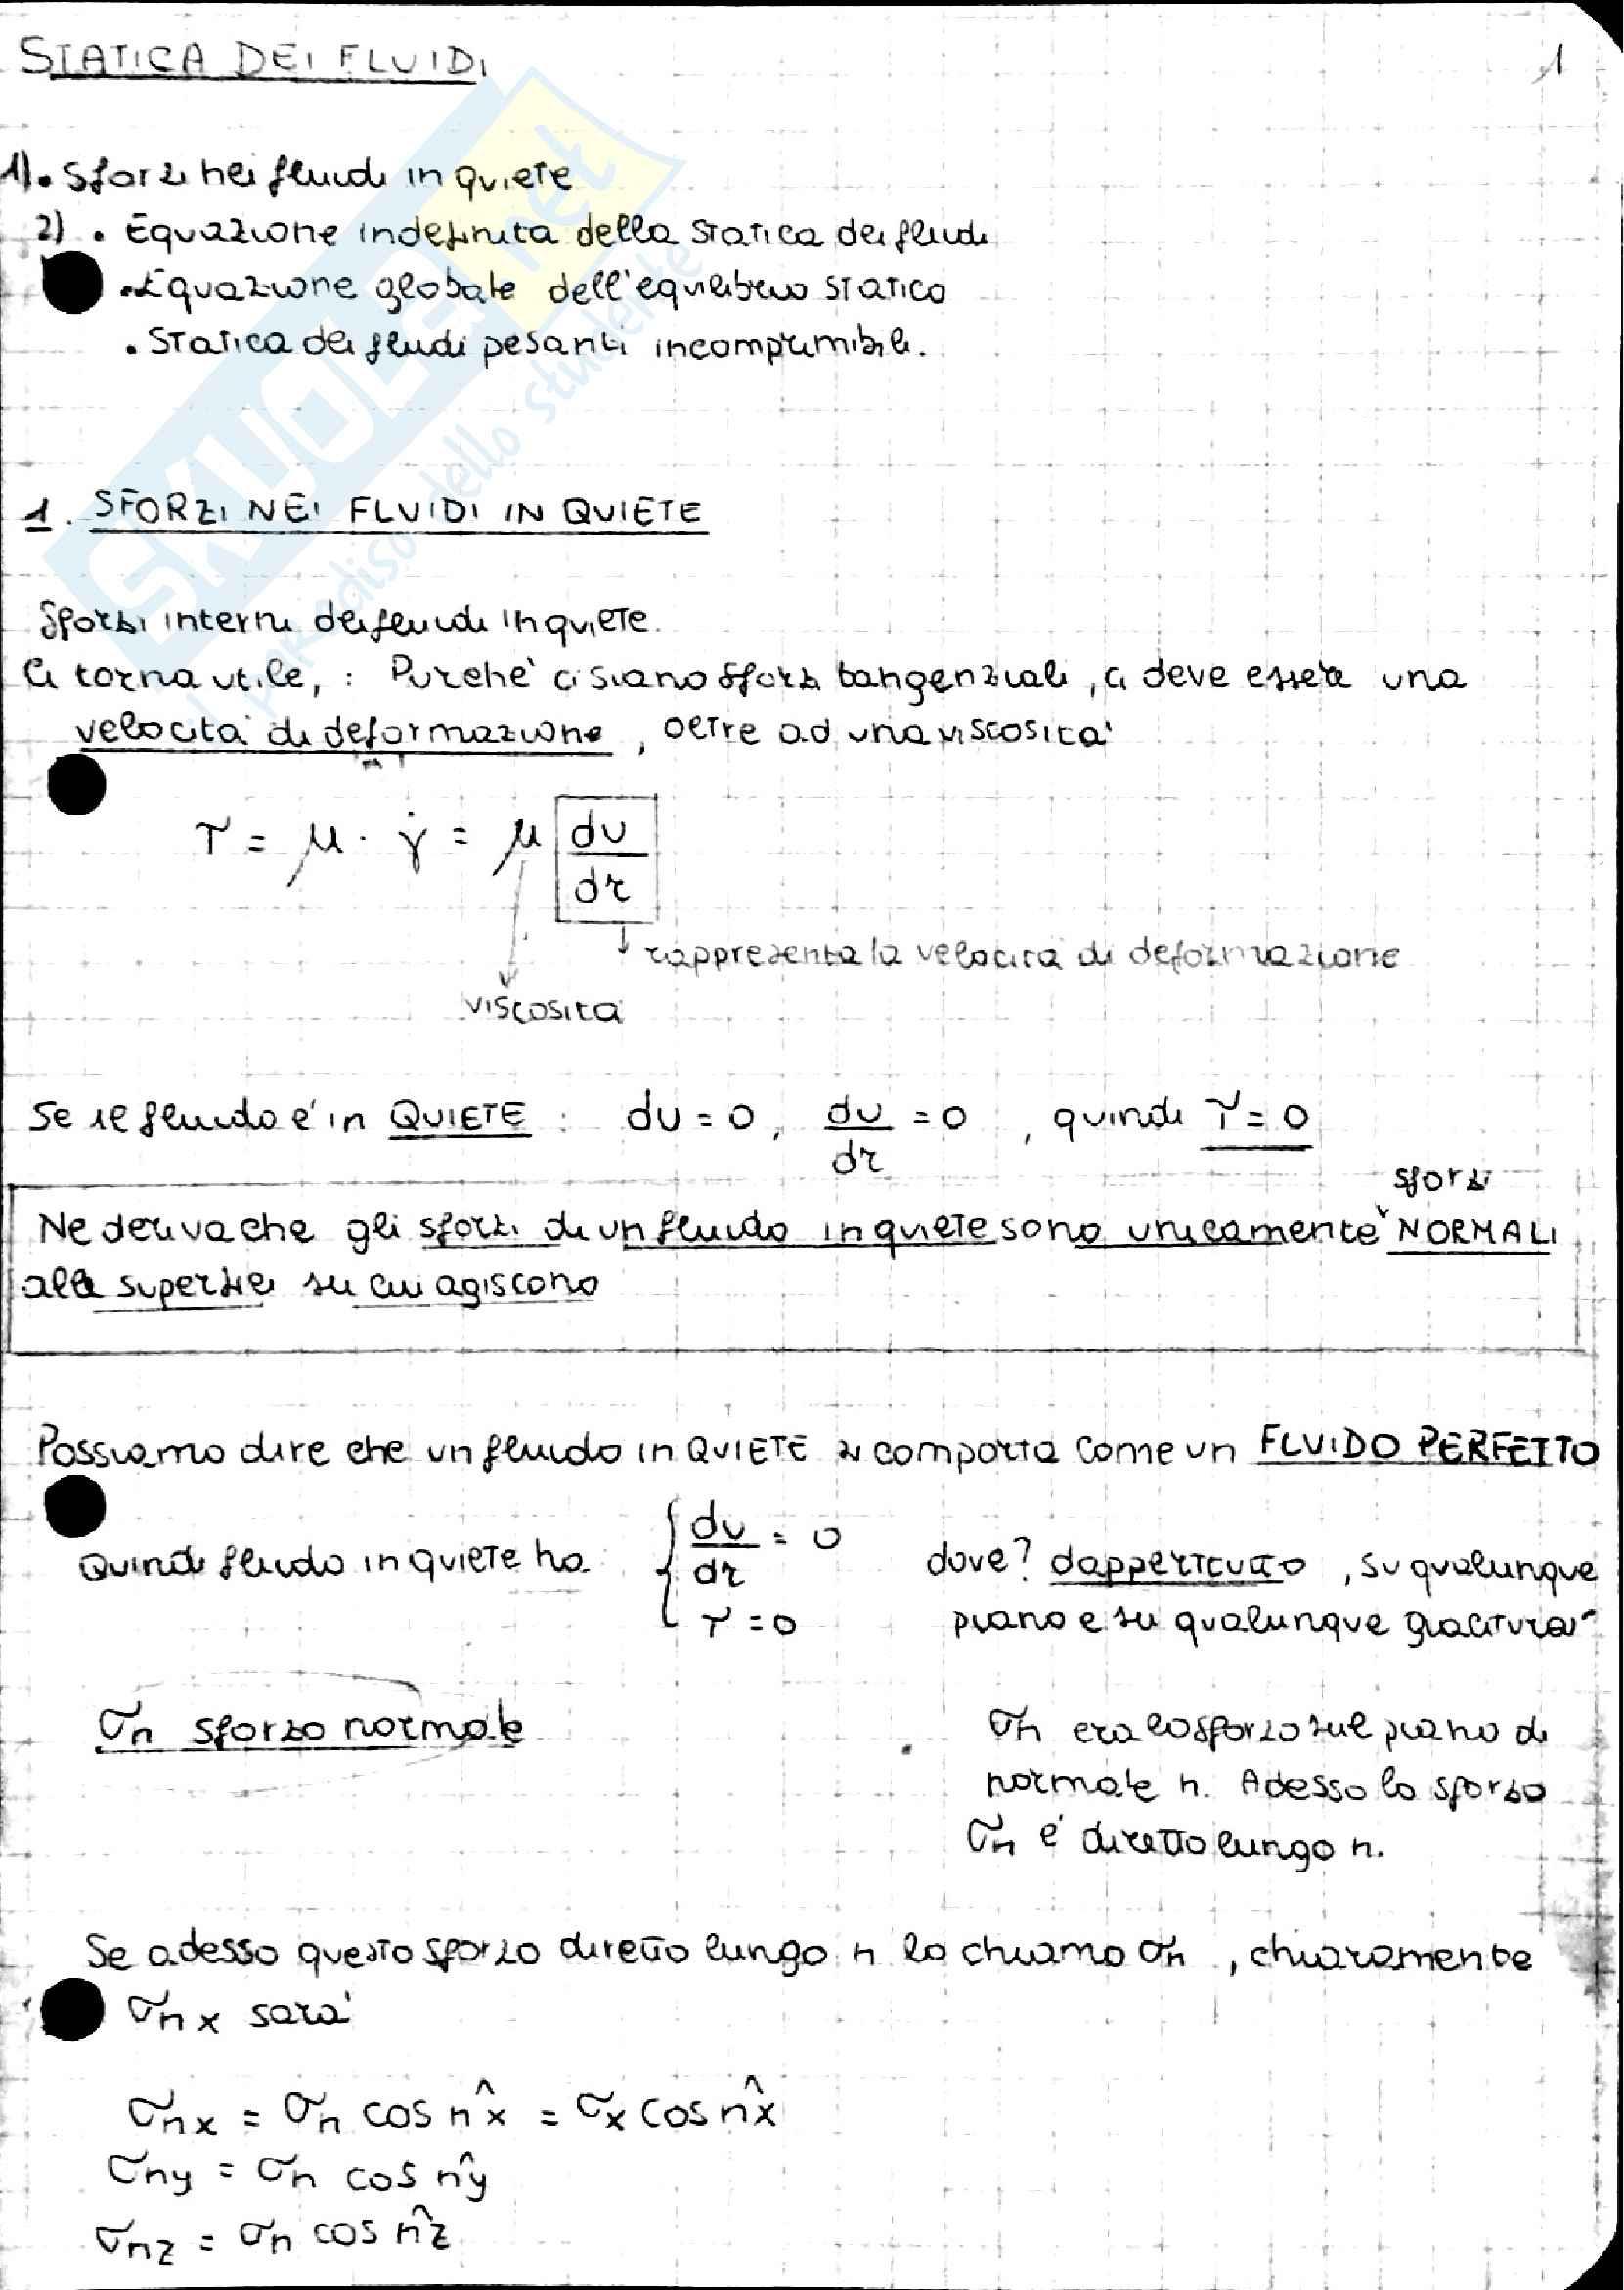 Statica Cinematica e Dinamica dei fluidi